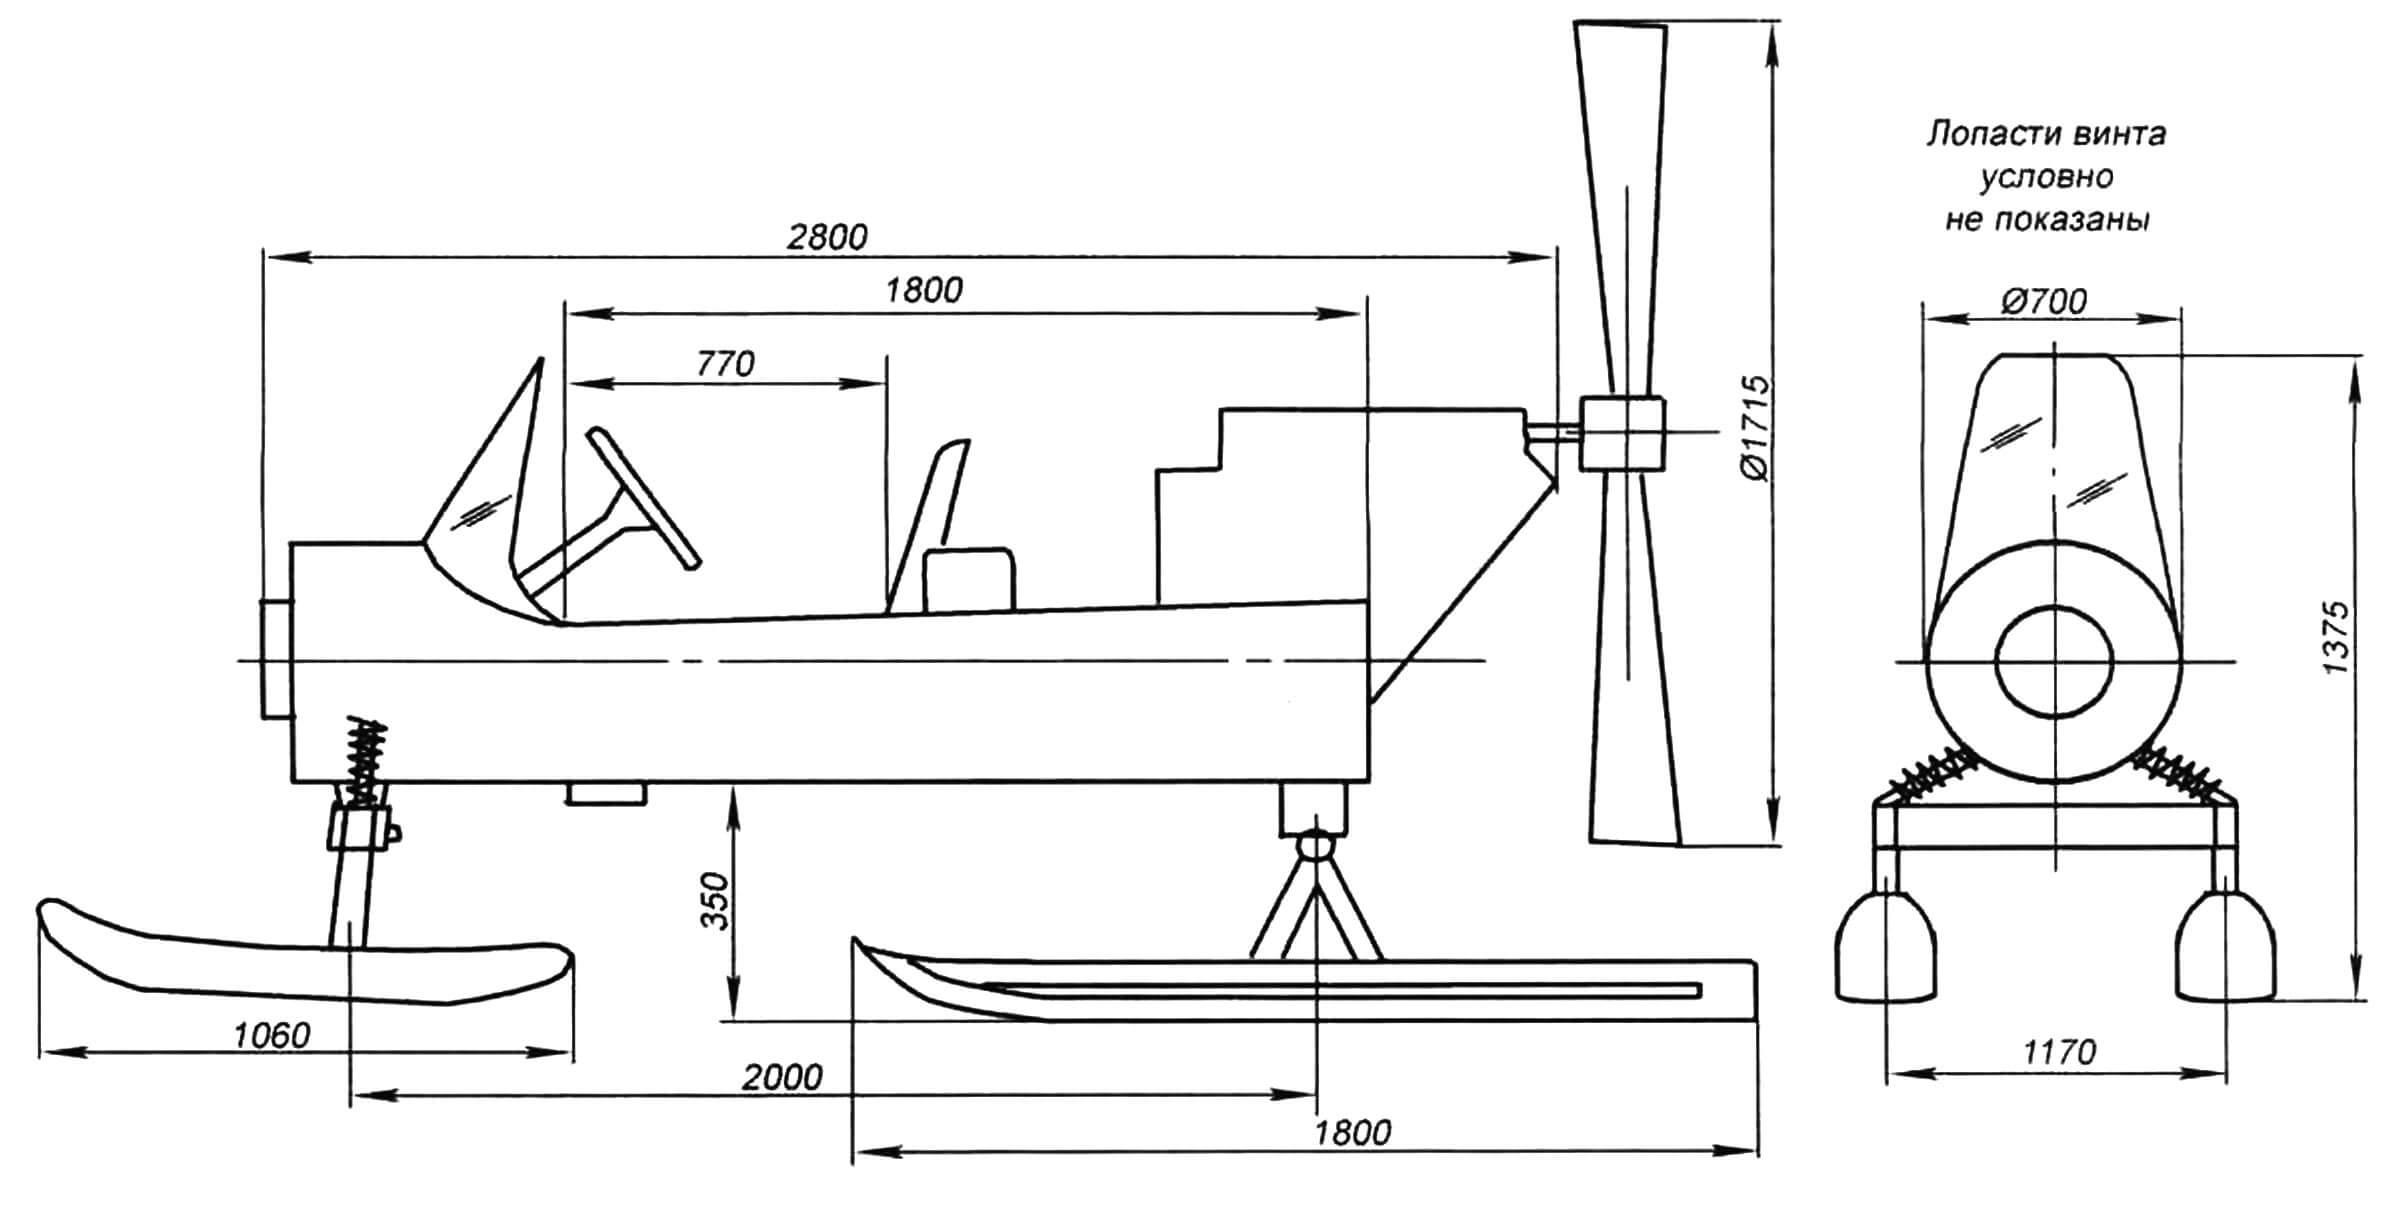 Легкие одноместные аэросани открытого типа конструкции А. Маркина